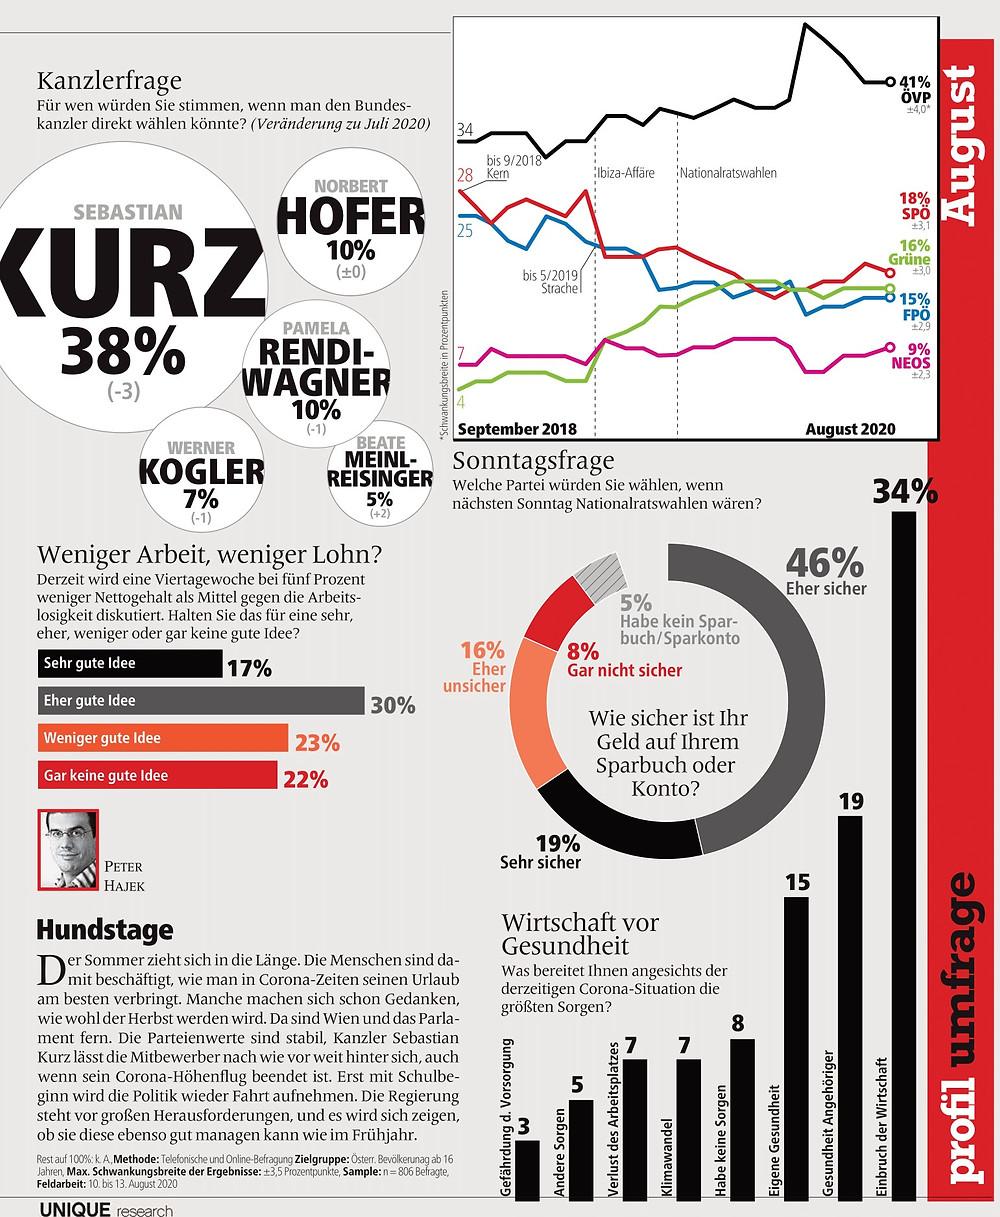 unique research peter hajek josef kalina umfrage politik wahlen waehlertrend profil hochschaetzung sonntagsfrage august print artikel profil 2020